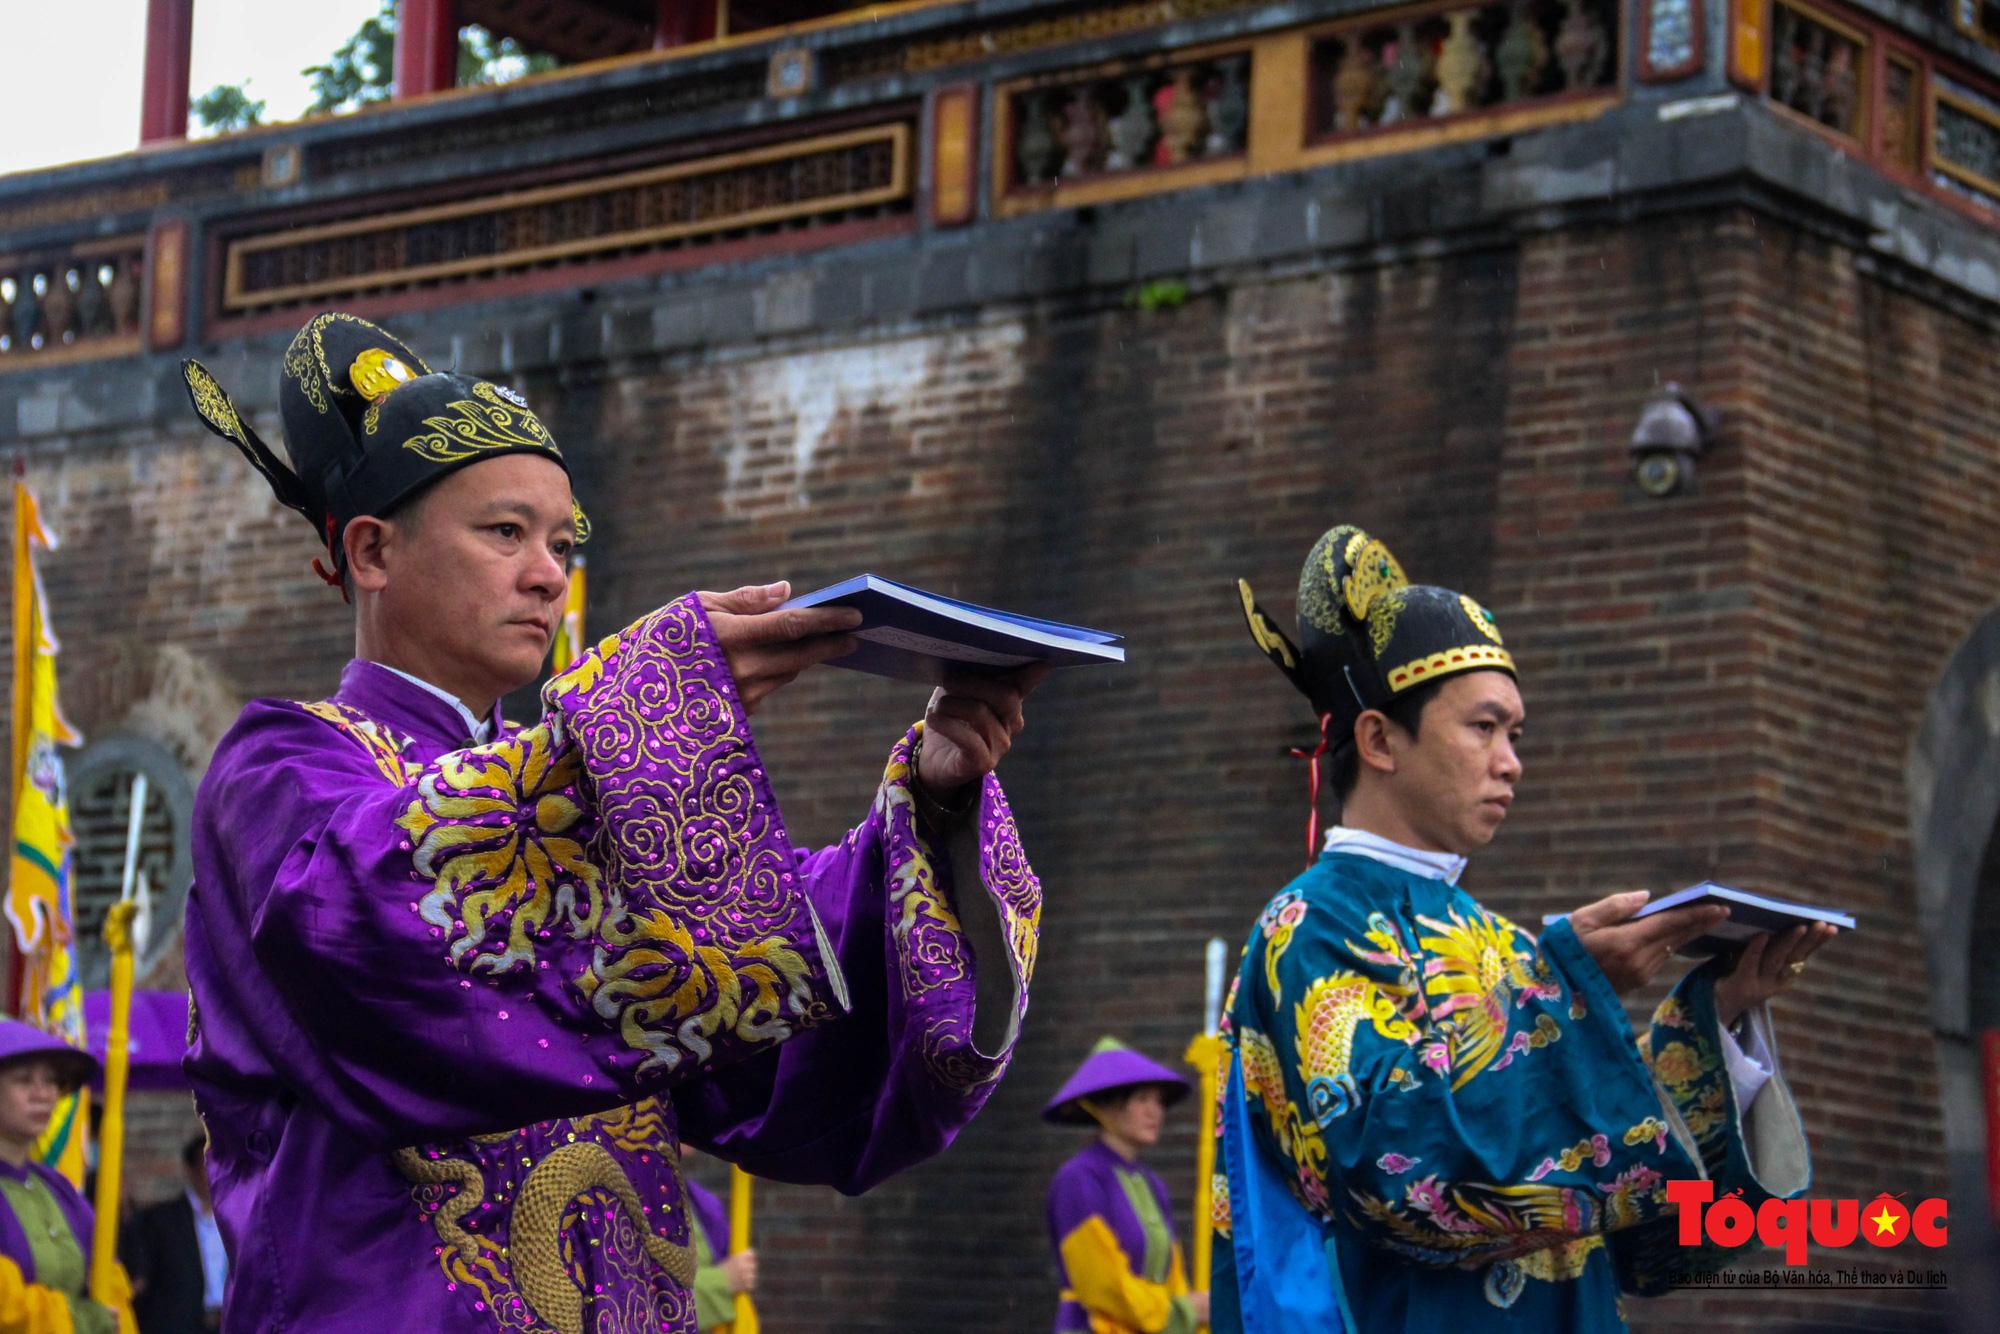 """Du khách thích thú xem tái hiện lễ """"Ban Sóc"""" của triều Nguyễn, nhận lịch tặng nhân dịp đón năm mới - Ảnh 9."""